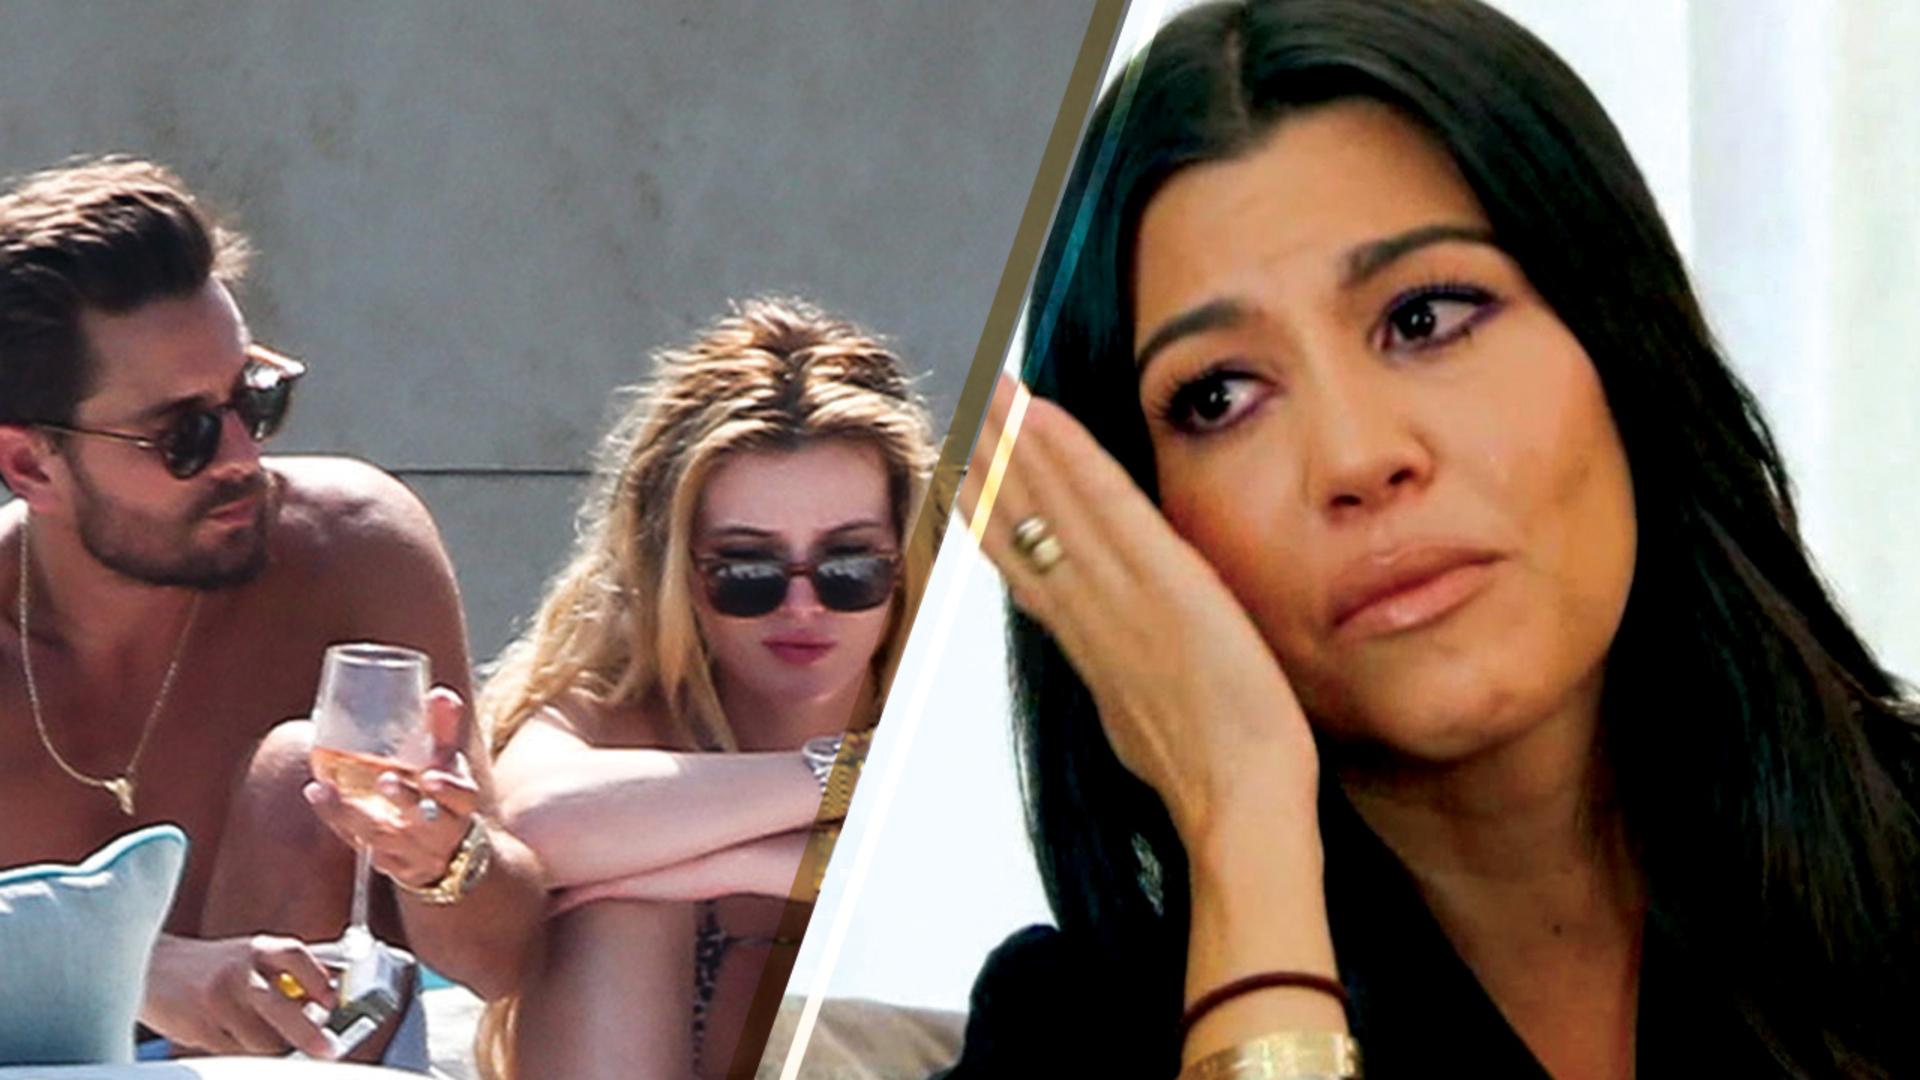 Scott Disick Dating Bella Thorne for REVENGE against Kourtney Kardashian?!